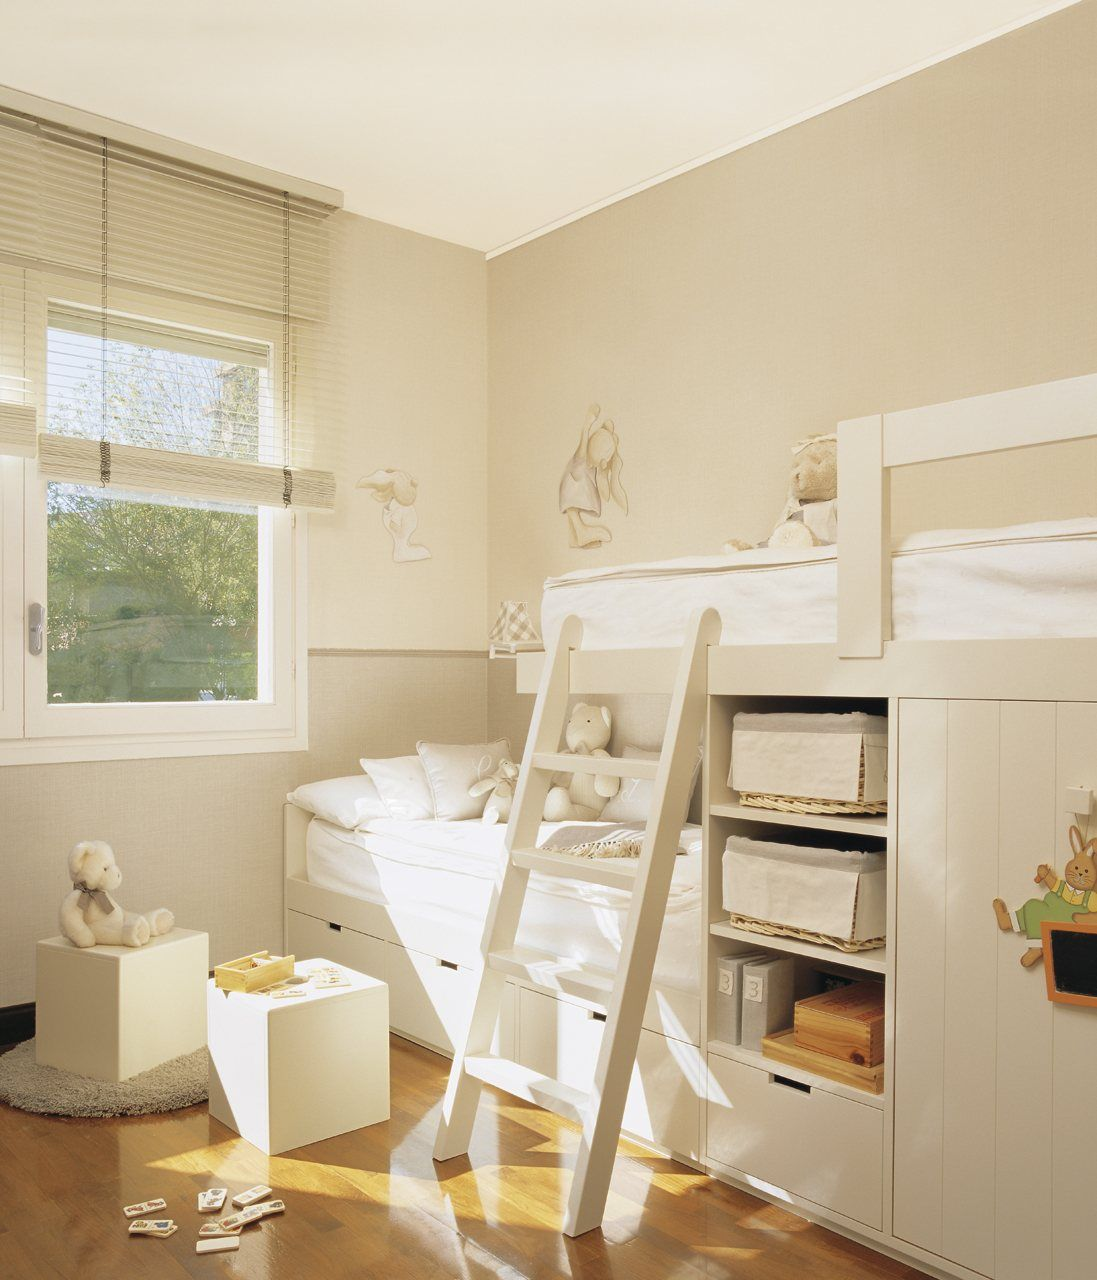 Organiza la habitaci n de los peques dormitorios - Armarios para habitacion nina ...